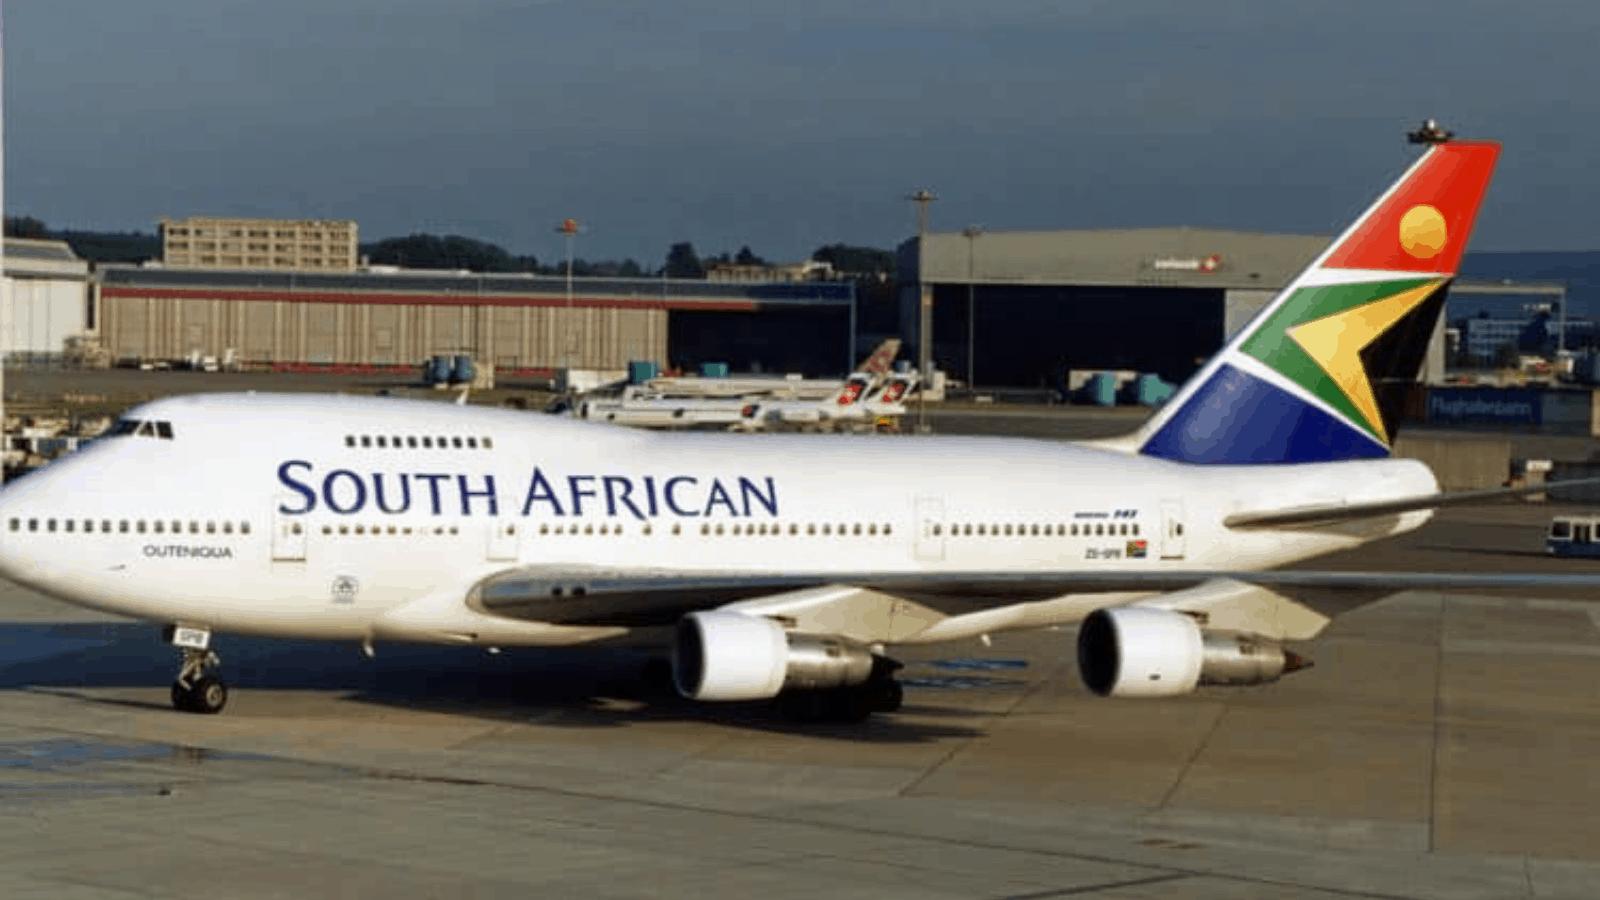 Sudáfrica se convertirá en un país sin aerolínea de bandera South African Airways deja de volar debido a una fuerte crisis económica 3